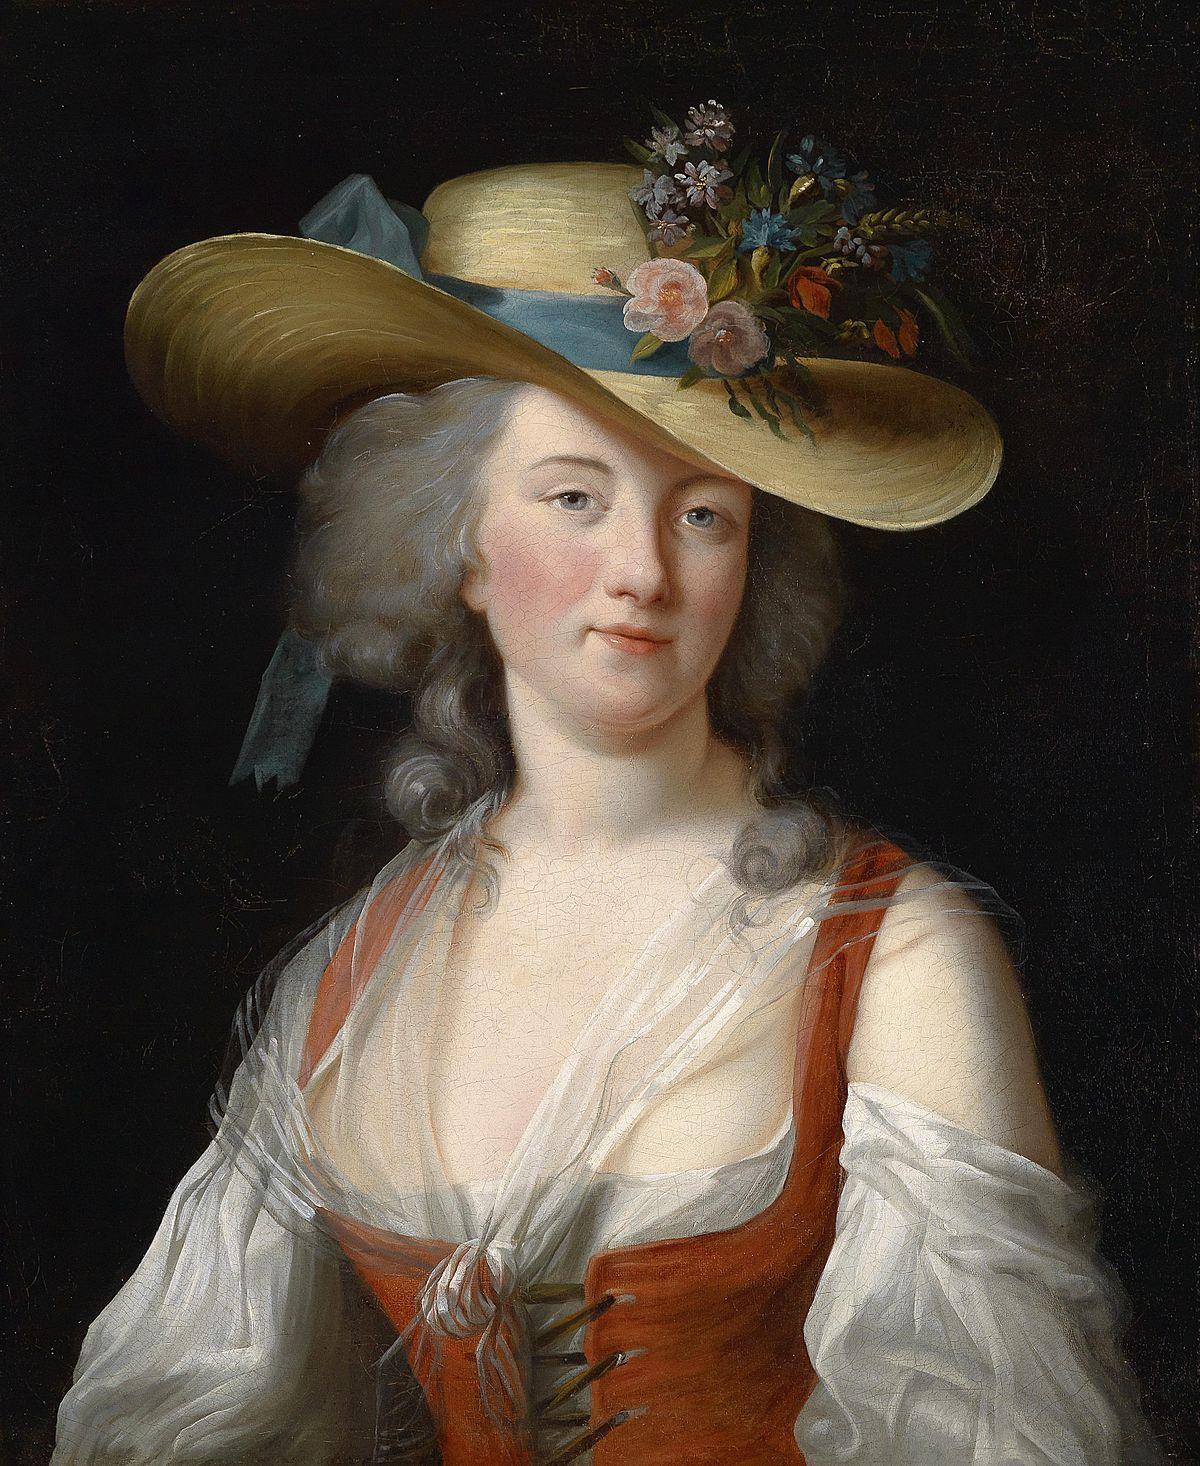 Fichier:Elisabeth Vigée-Lebrun (and workshop) Portrait Anne Catherine Le  Preudhomme de Chatenoy Comtesse der Verdun.jpg — Wikipédia